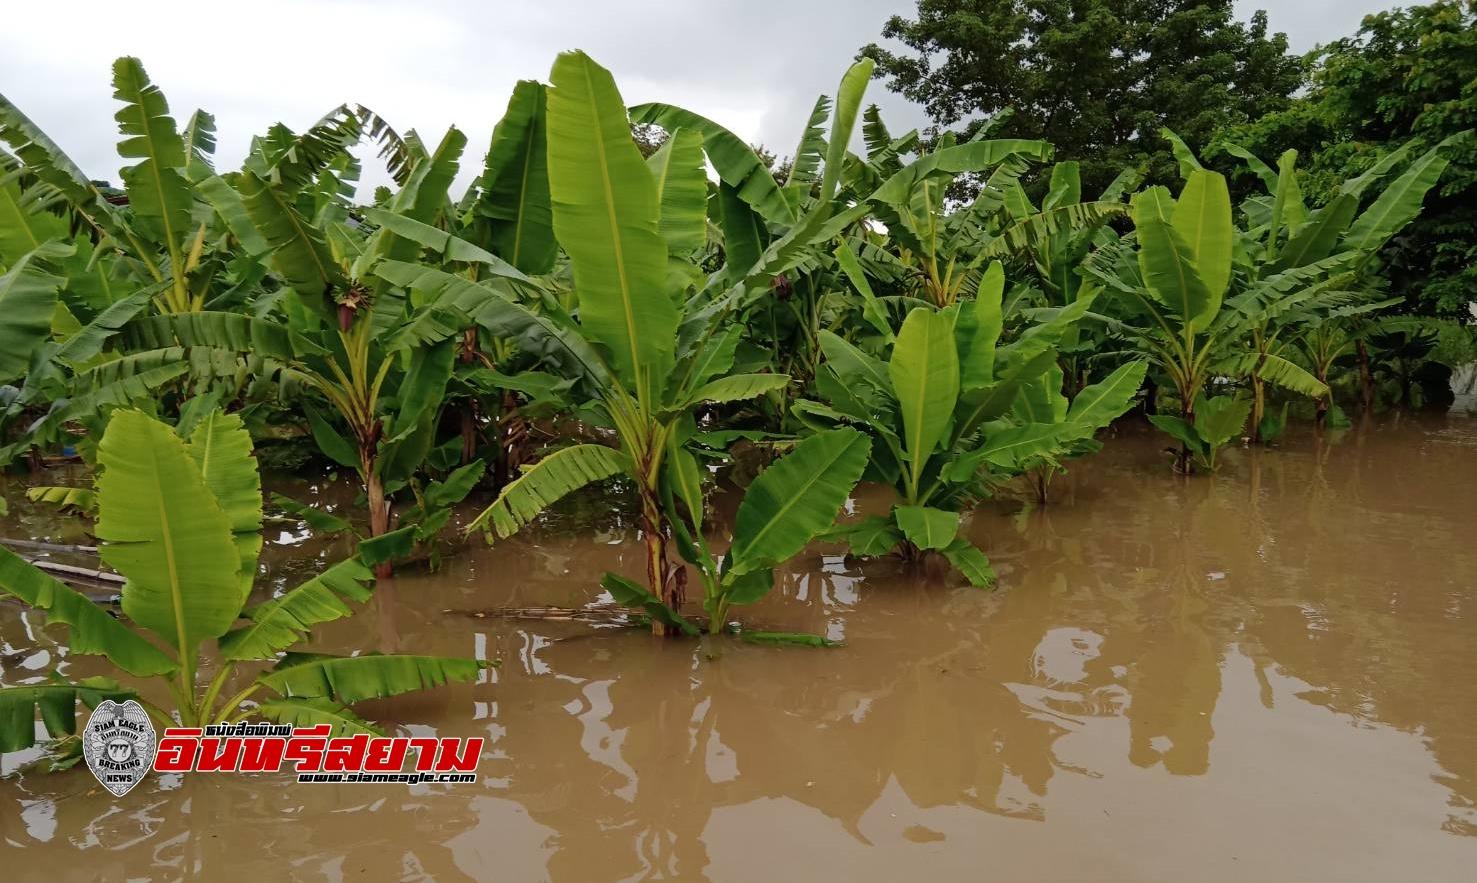 นครสวรรค์-น้ำเจ้าพระยาเริ่มเอ่อท่วมสวนกล้วยไข่ สร้างความเสียหายการส่งออก